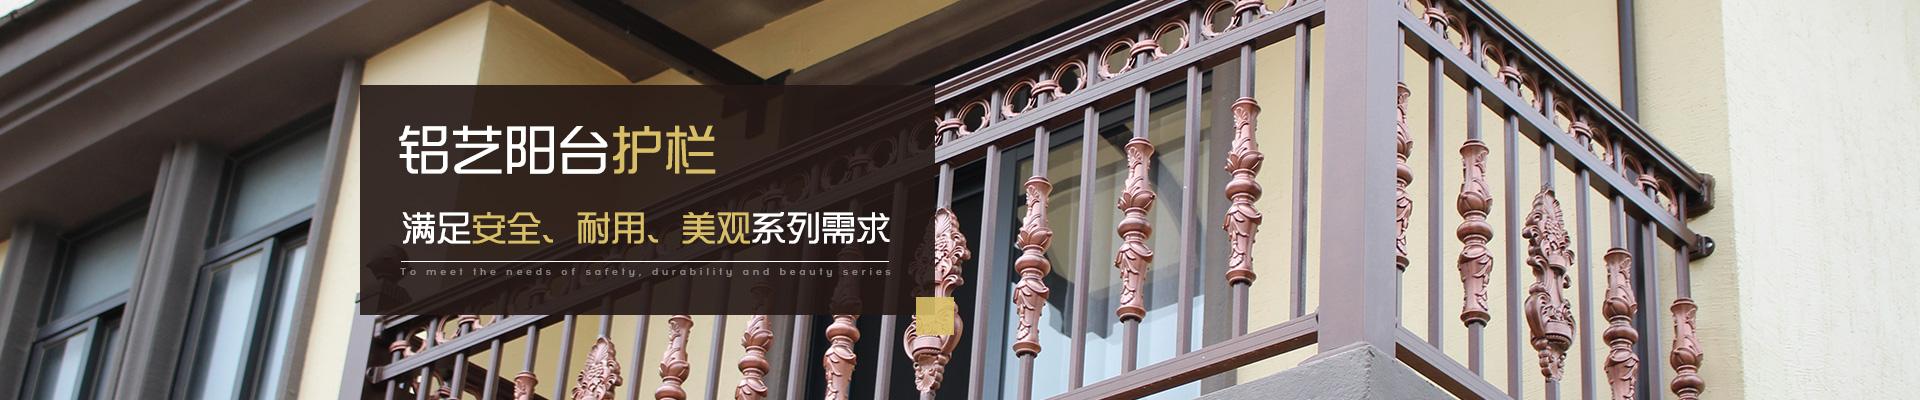 铝艺阳台护栏   满足安全、耐用、美观系列需求